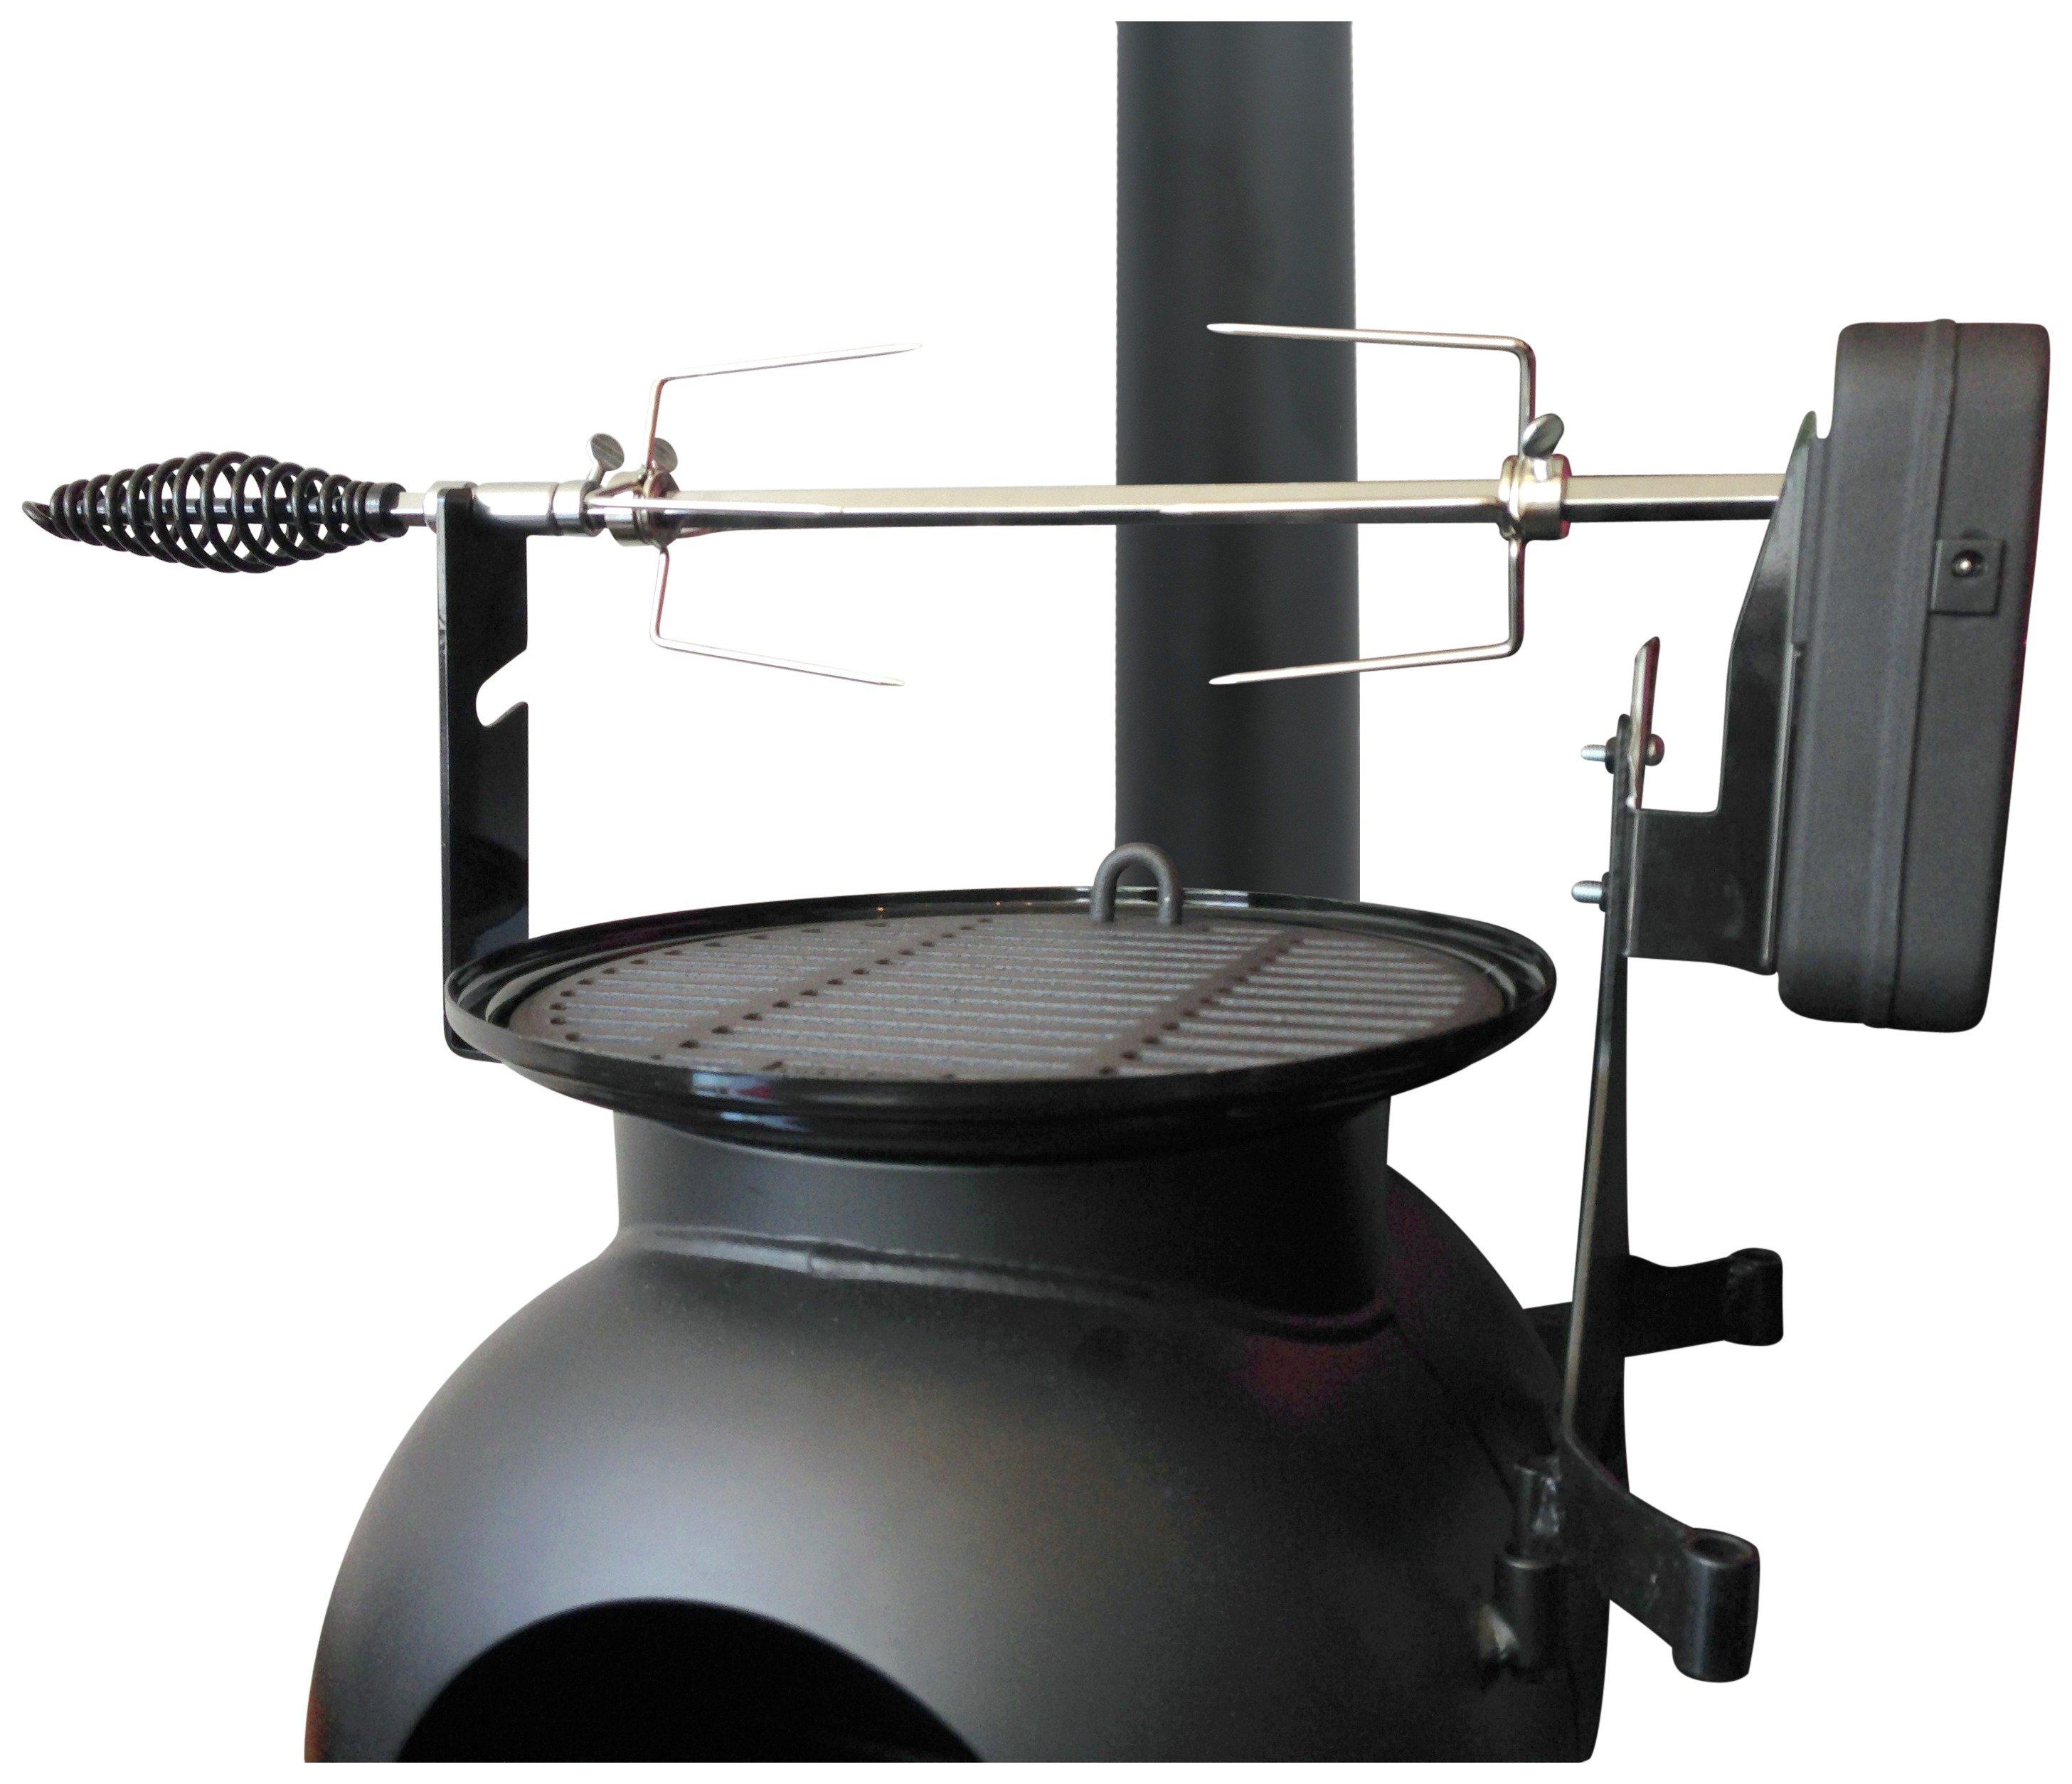 Image of Ozpig - Rotisserie Kit